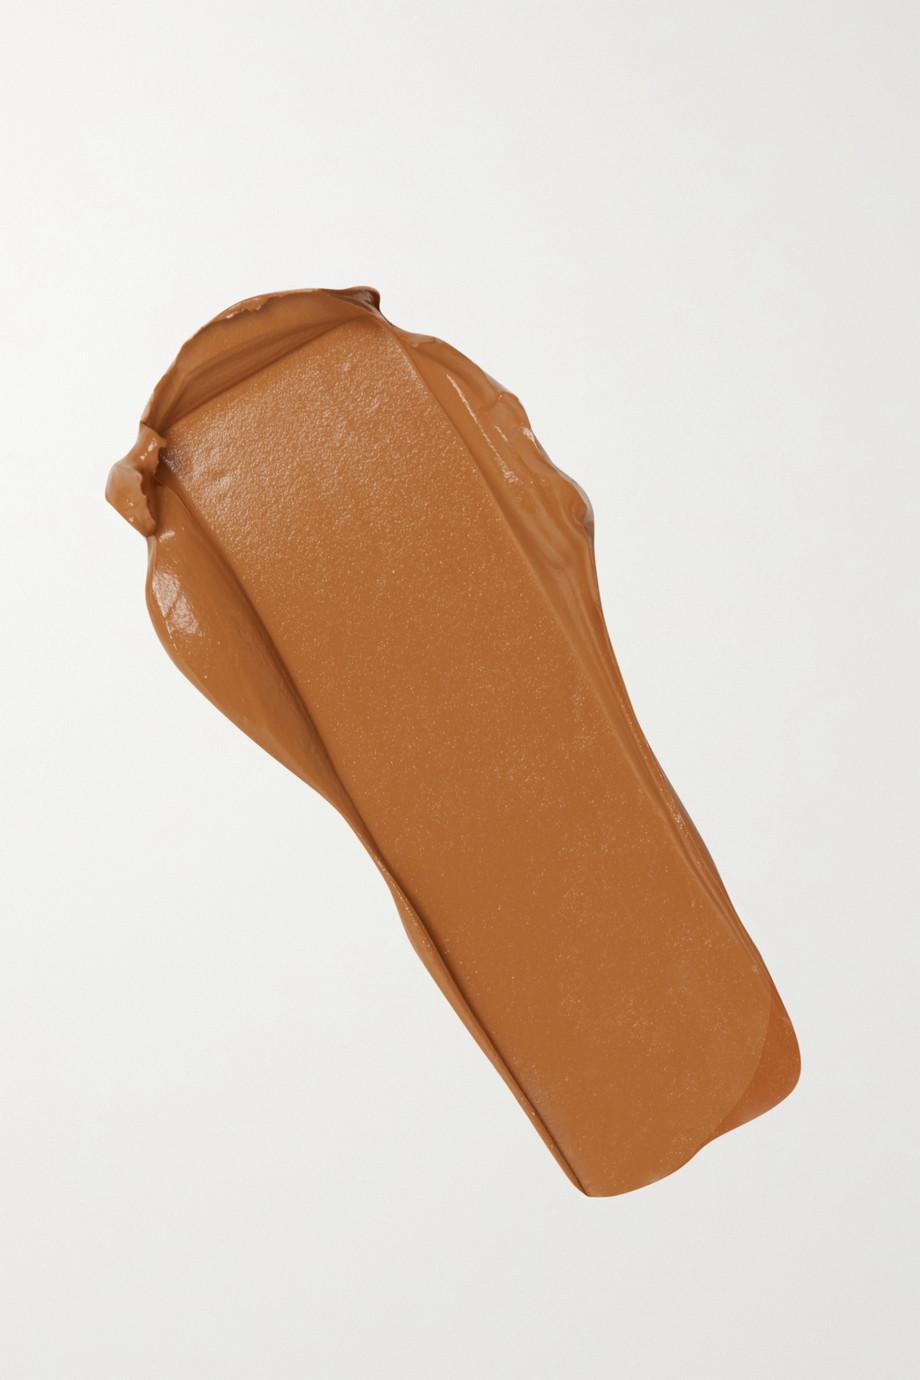 Kevyn Aucoin The Sensual Skin Enhancer - SX12